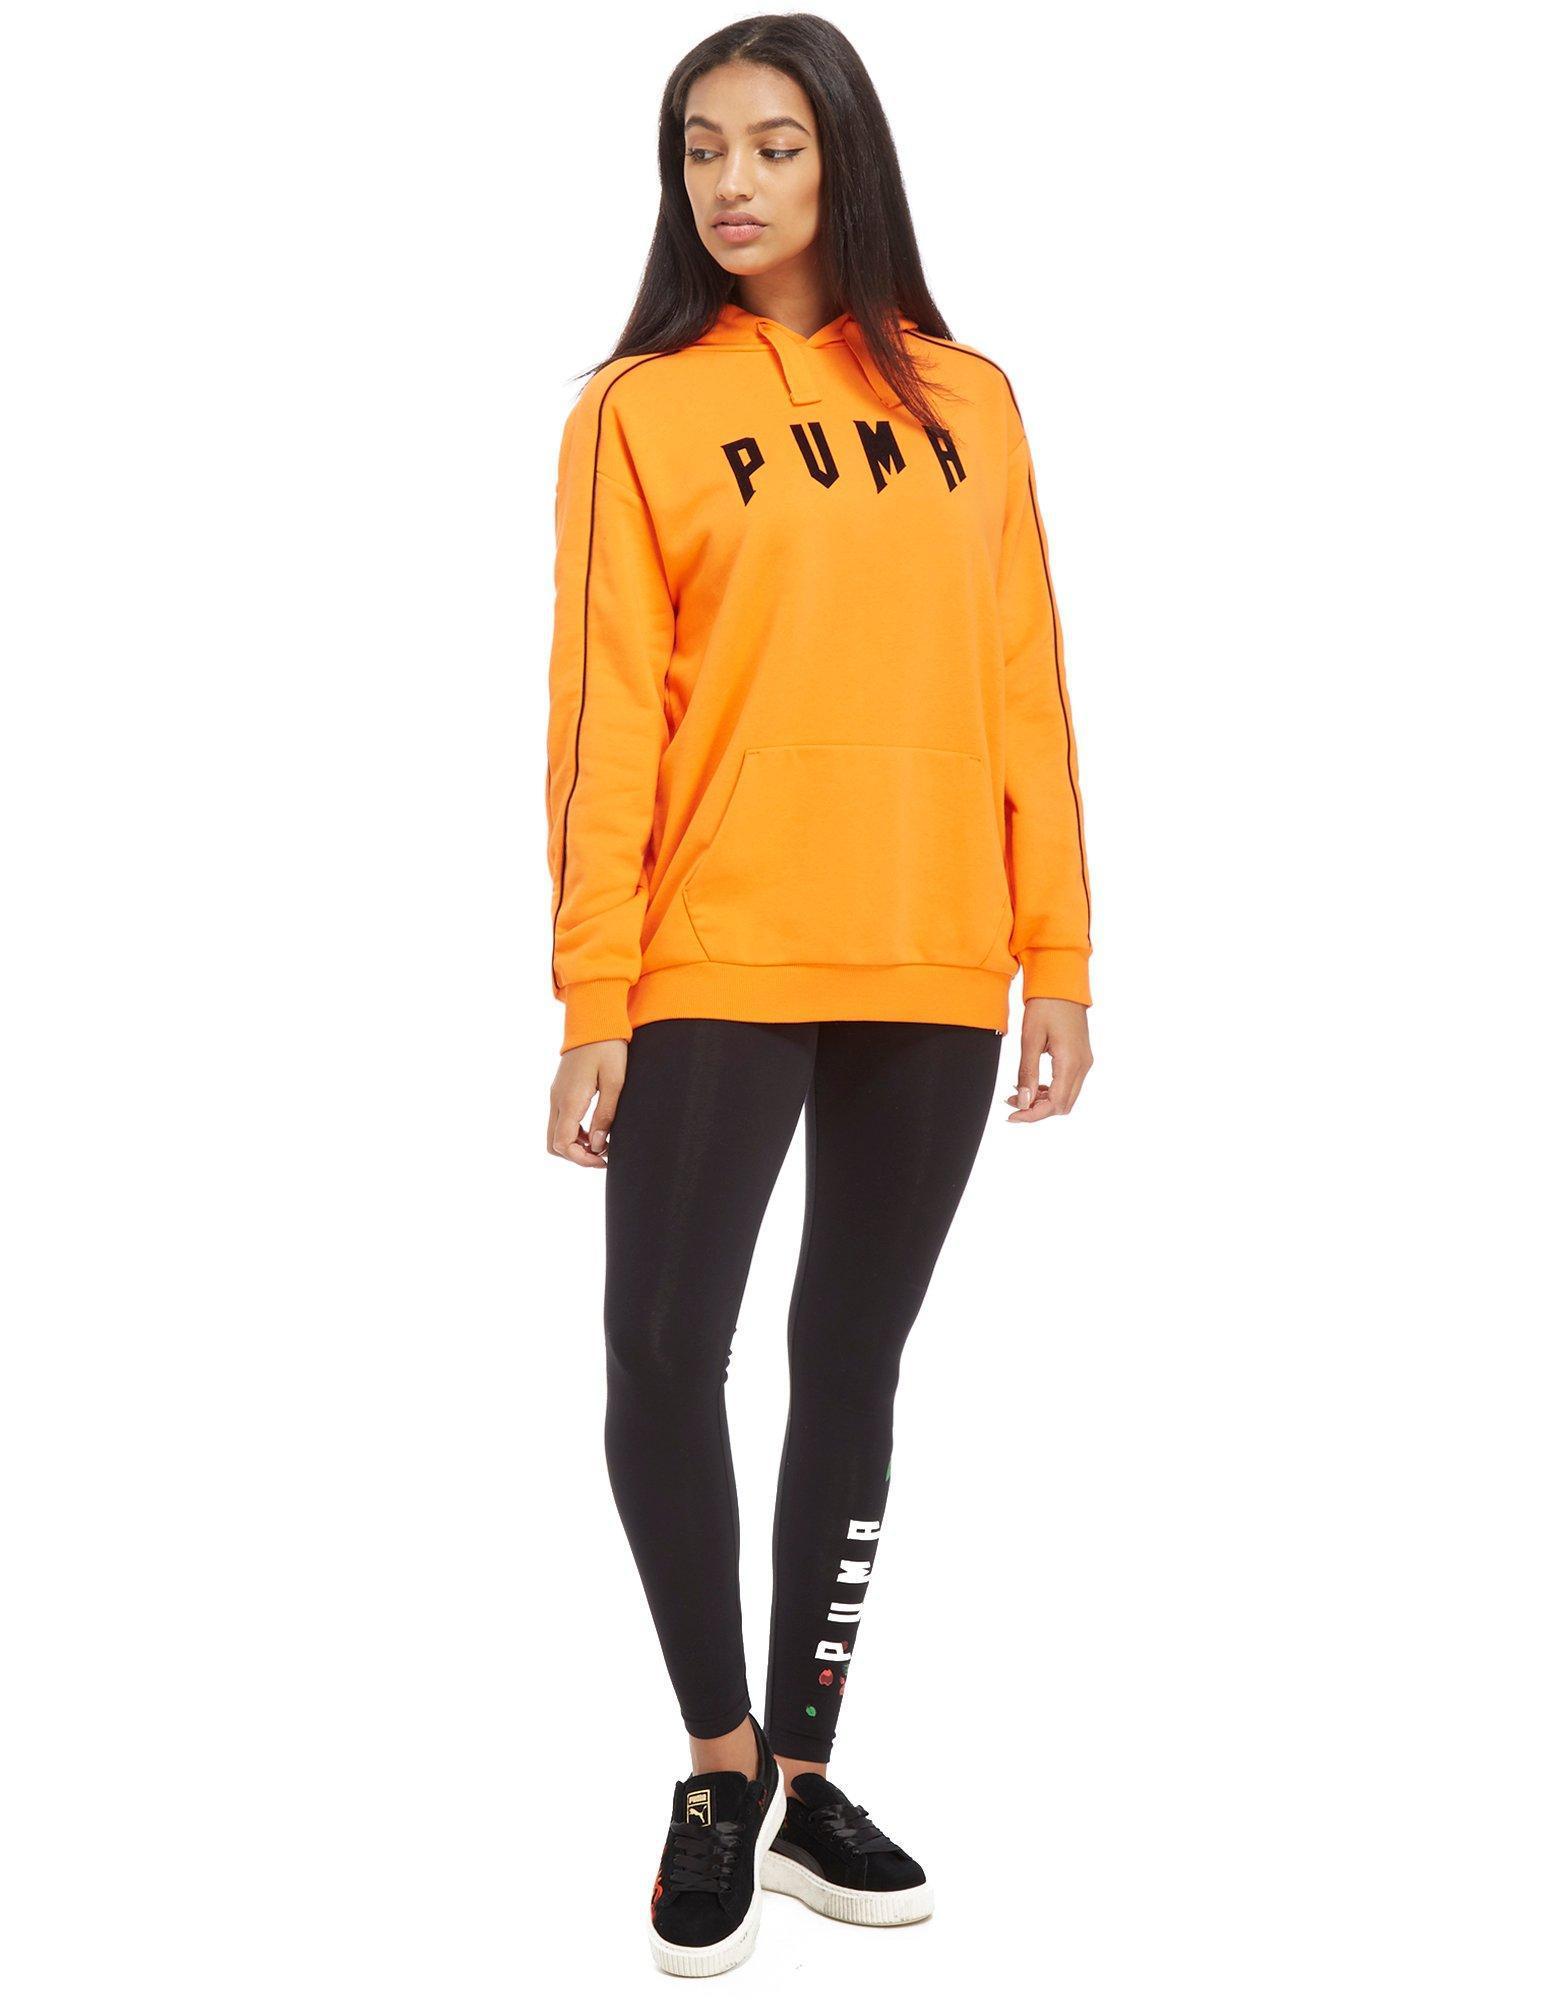 PUMA Orange Gothic Floral Boyfriend Hoodie